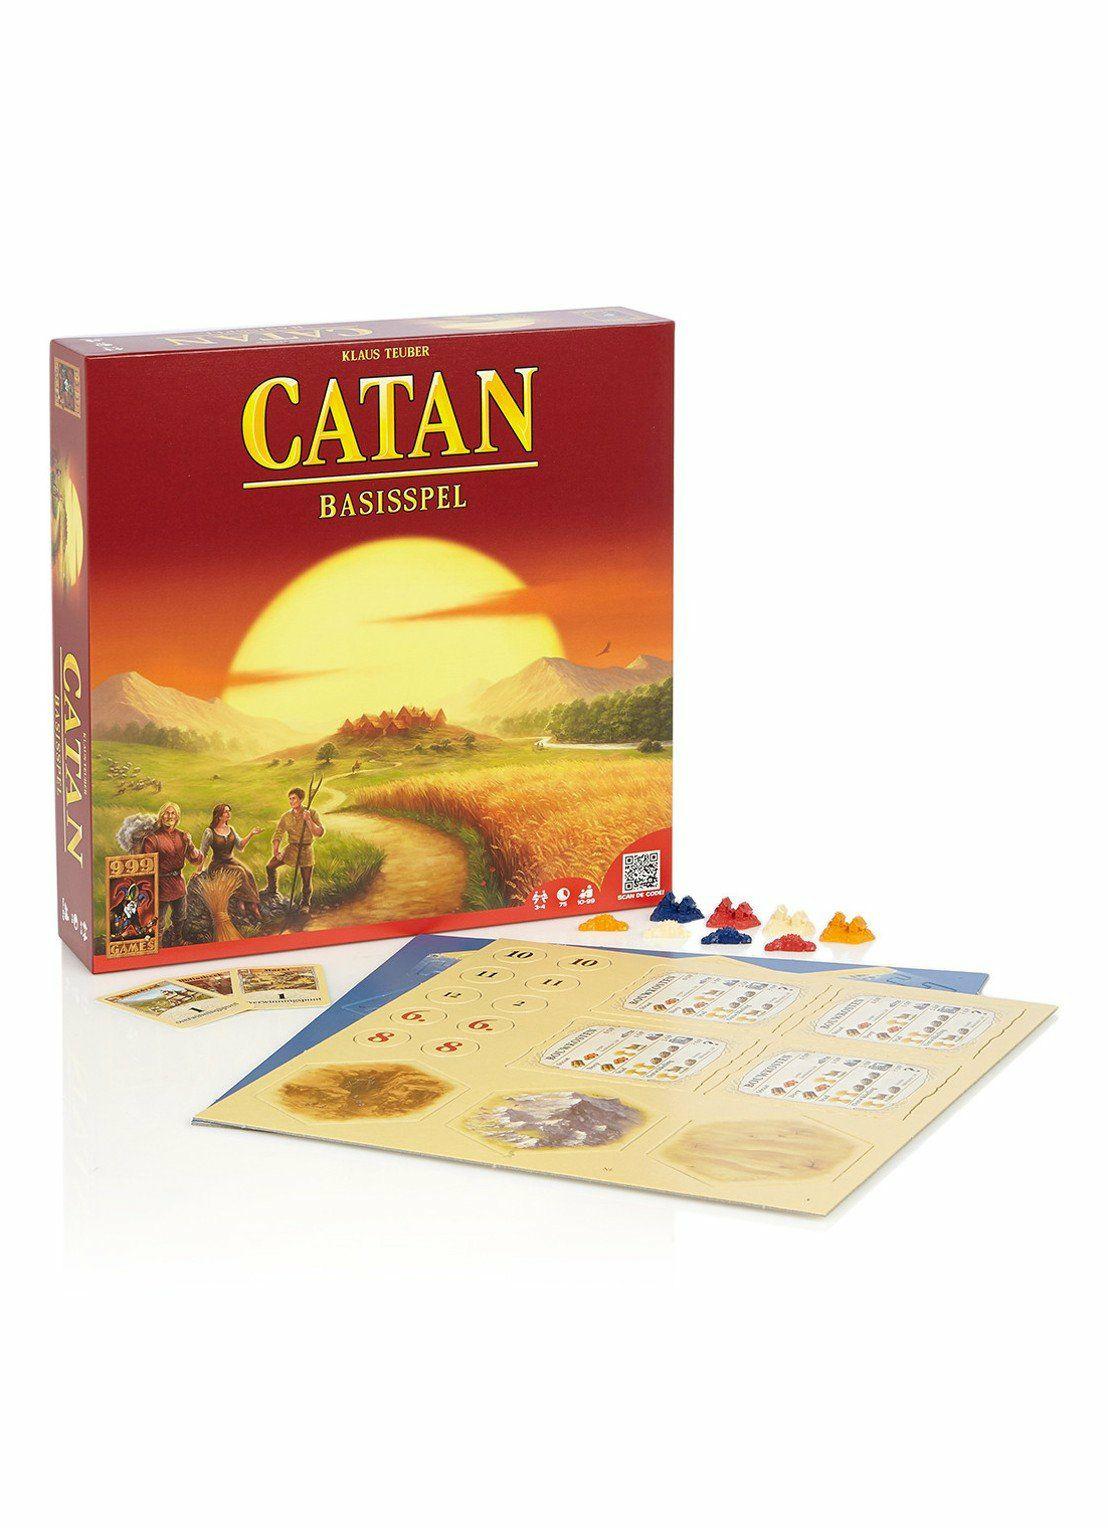 Catan Basisspel (ook bekend als Kolonisten van Catan)